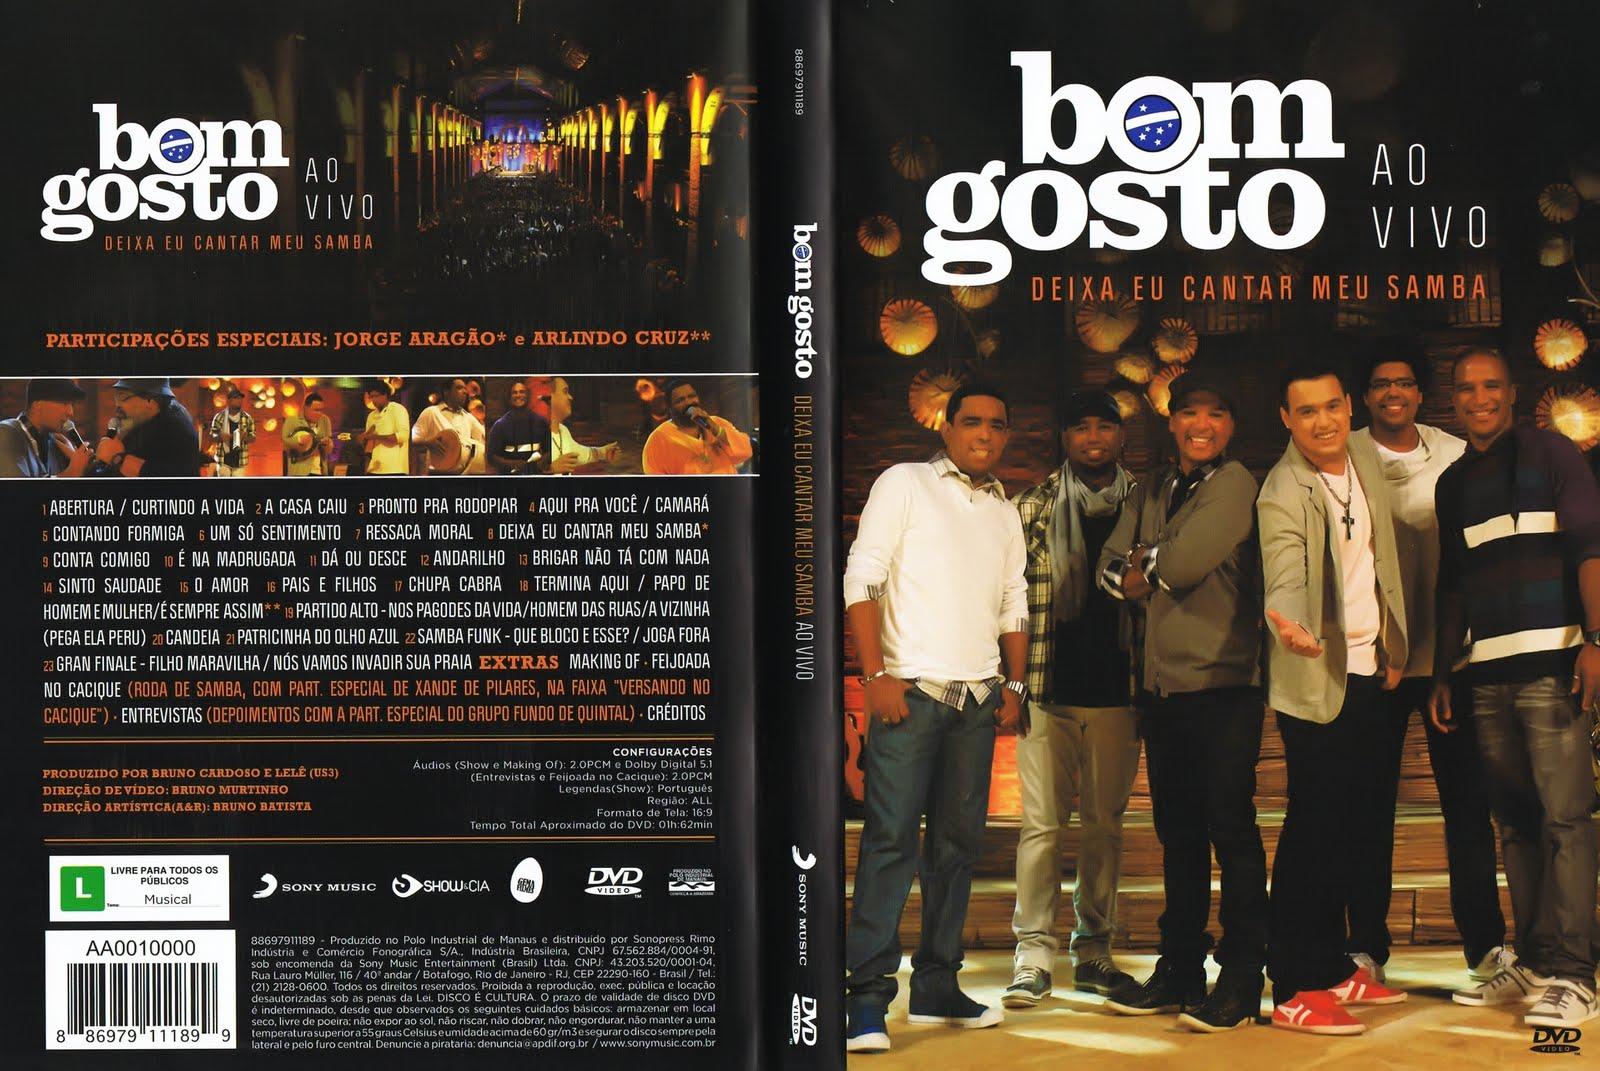 Bom Gosto Ao Vivo Deixa Eu Cantar Meu Samba DVDRip XviD (2011) Bom 2BGosto 2B  2BDixa 2BEu 2BCantar 2BMeu 2BSamba 2B  2BAo 2BVivo